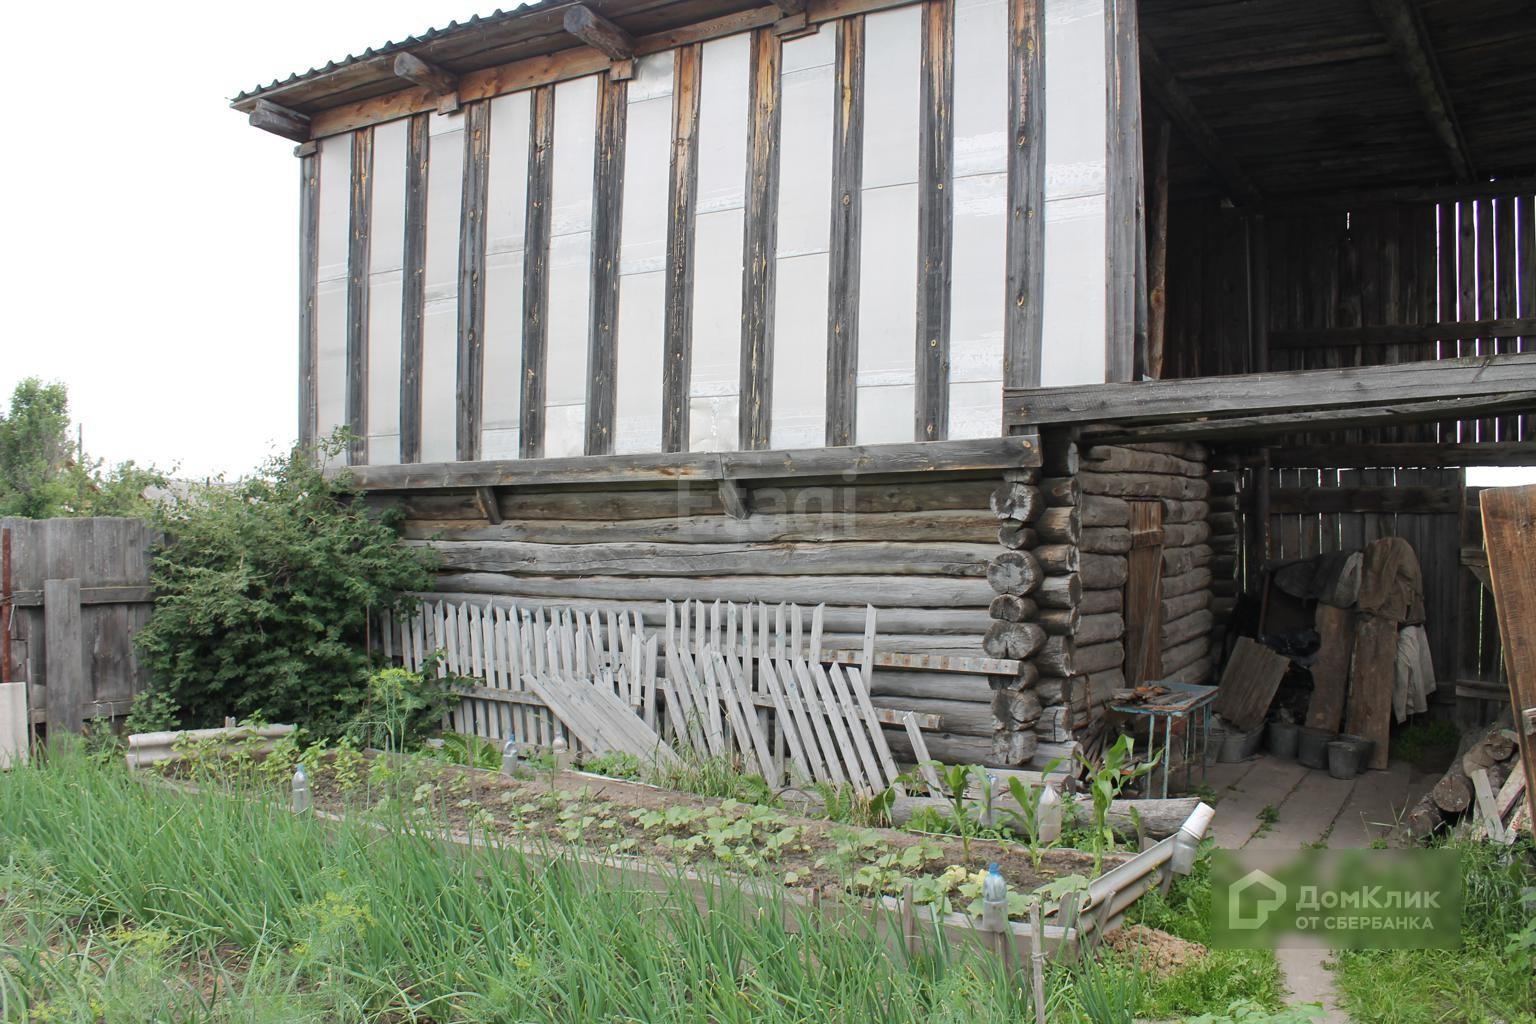 Фото микрорайон просторный г новосибирска как обстоит